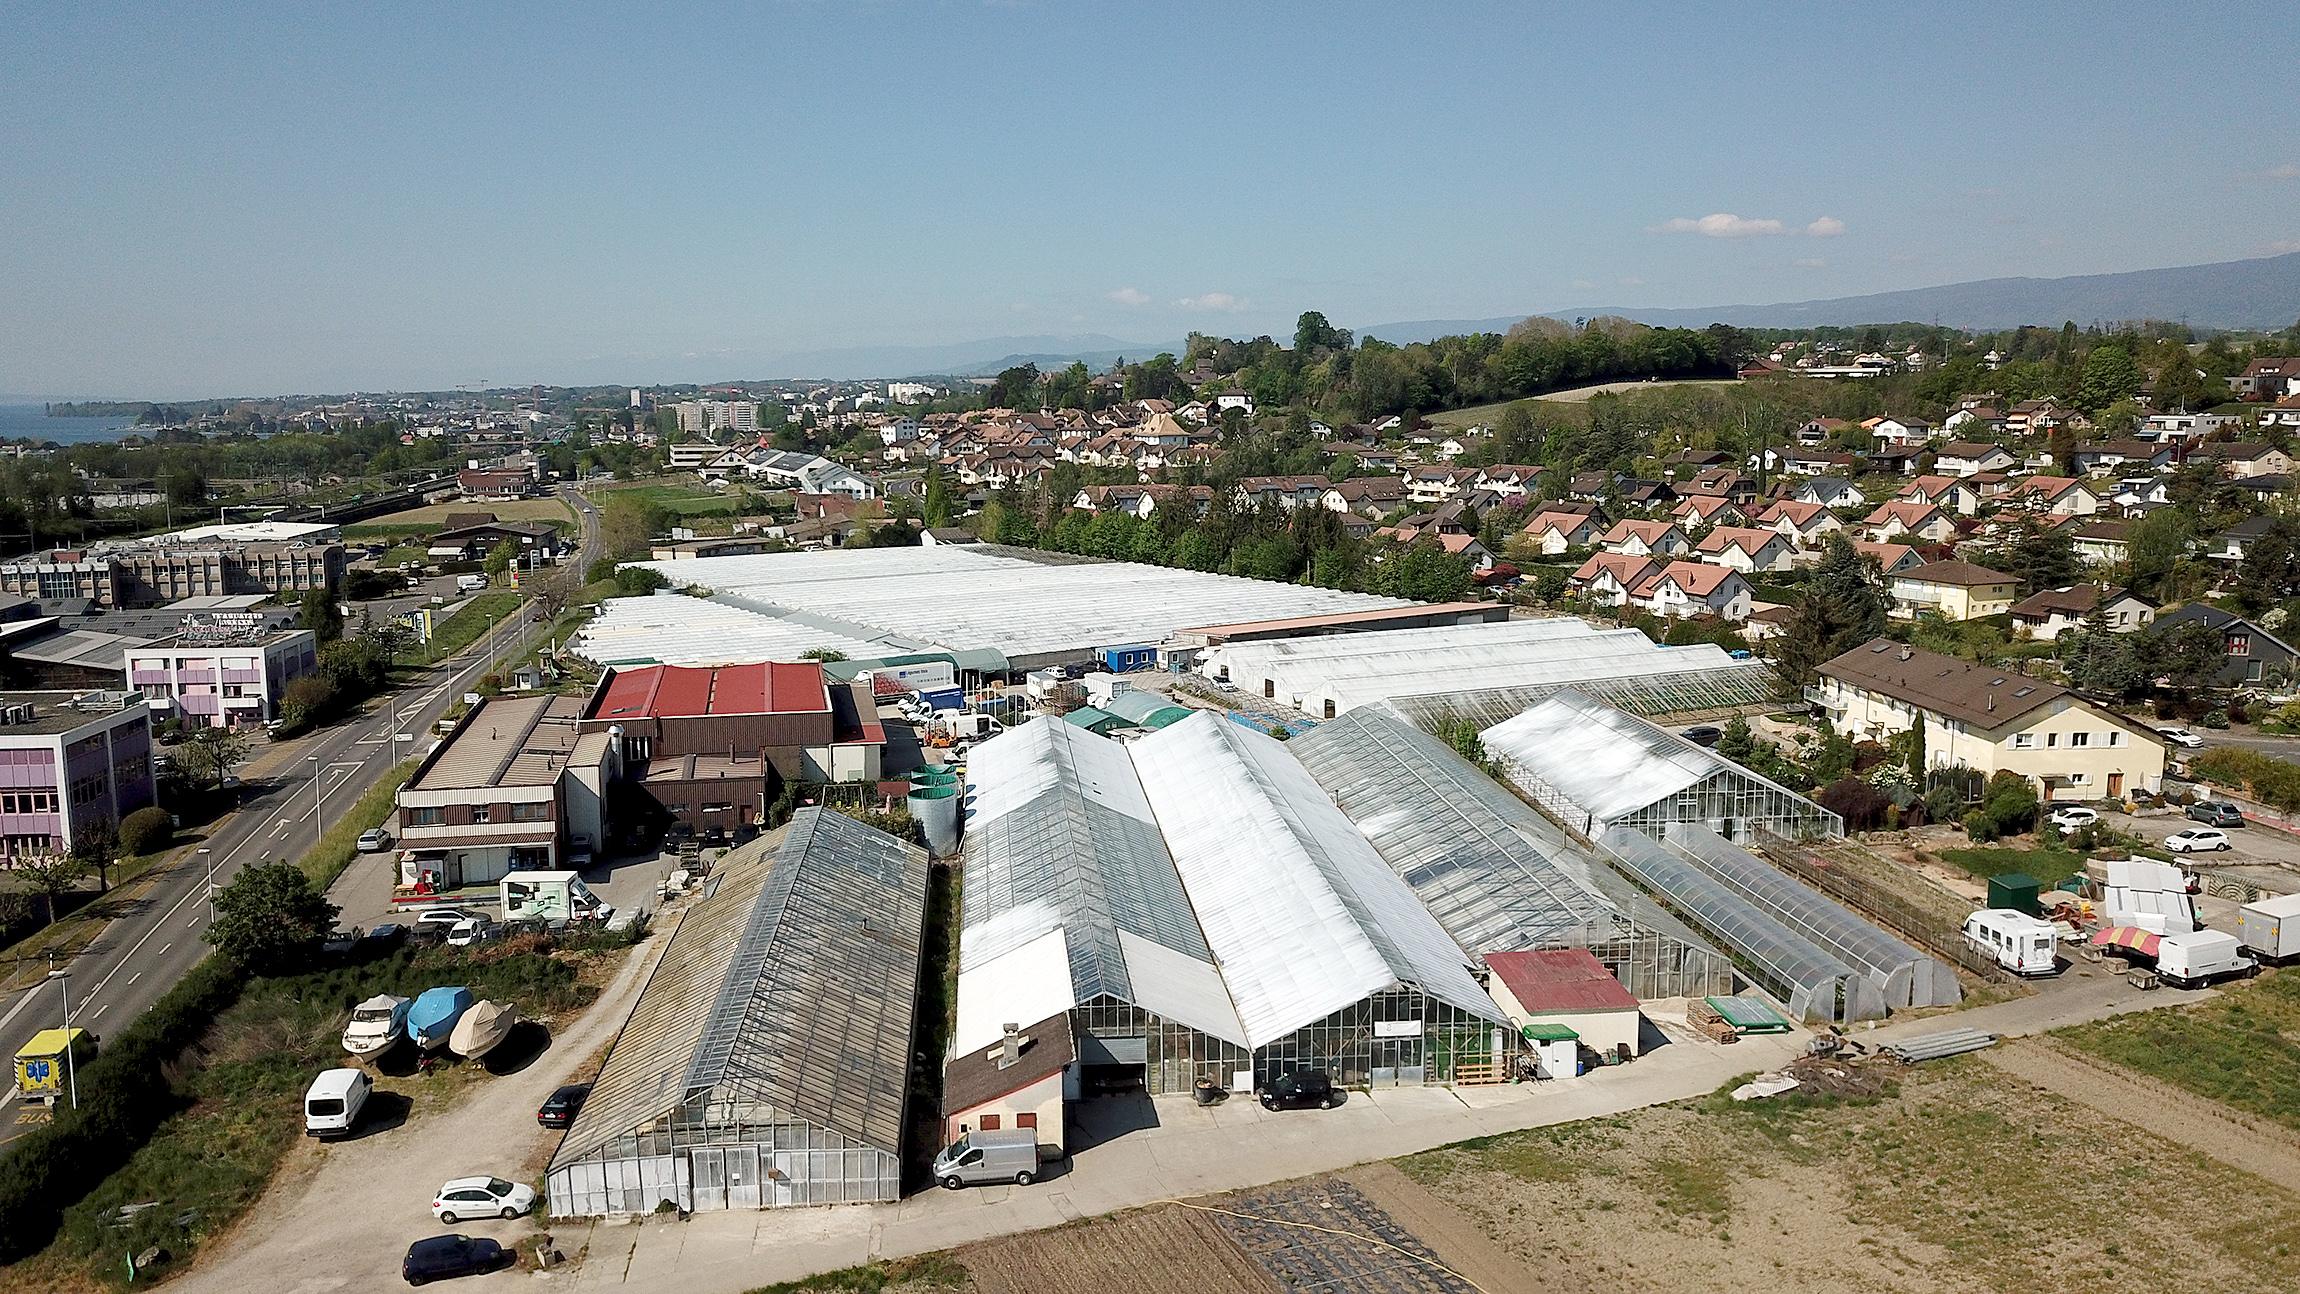 Lonay pourrait accueillir près de 1000 nouveaux habitants